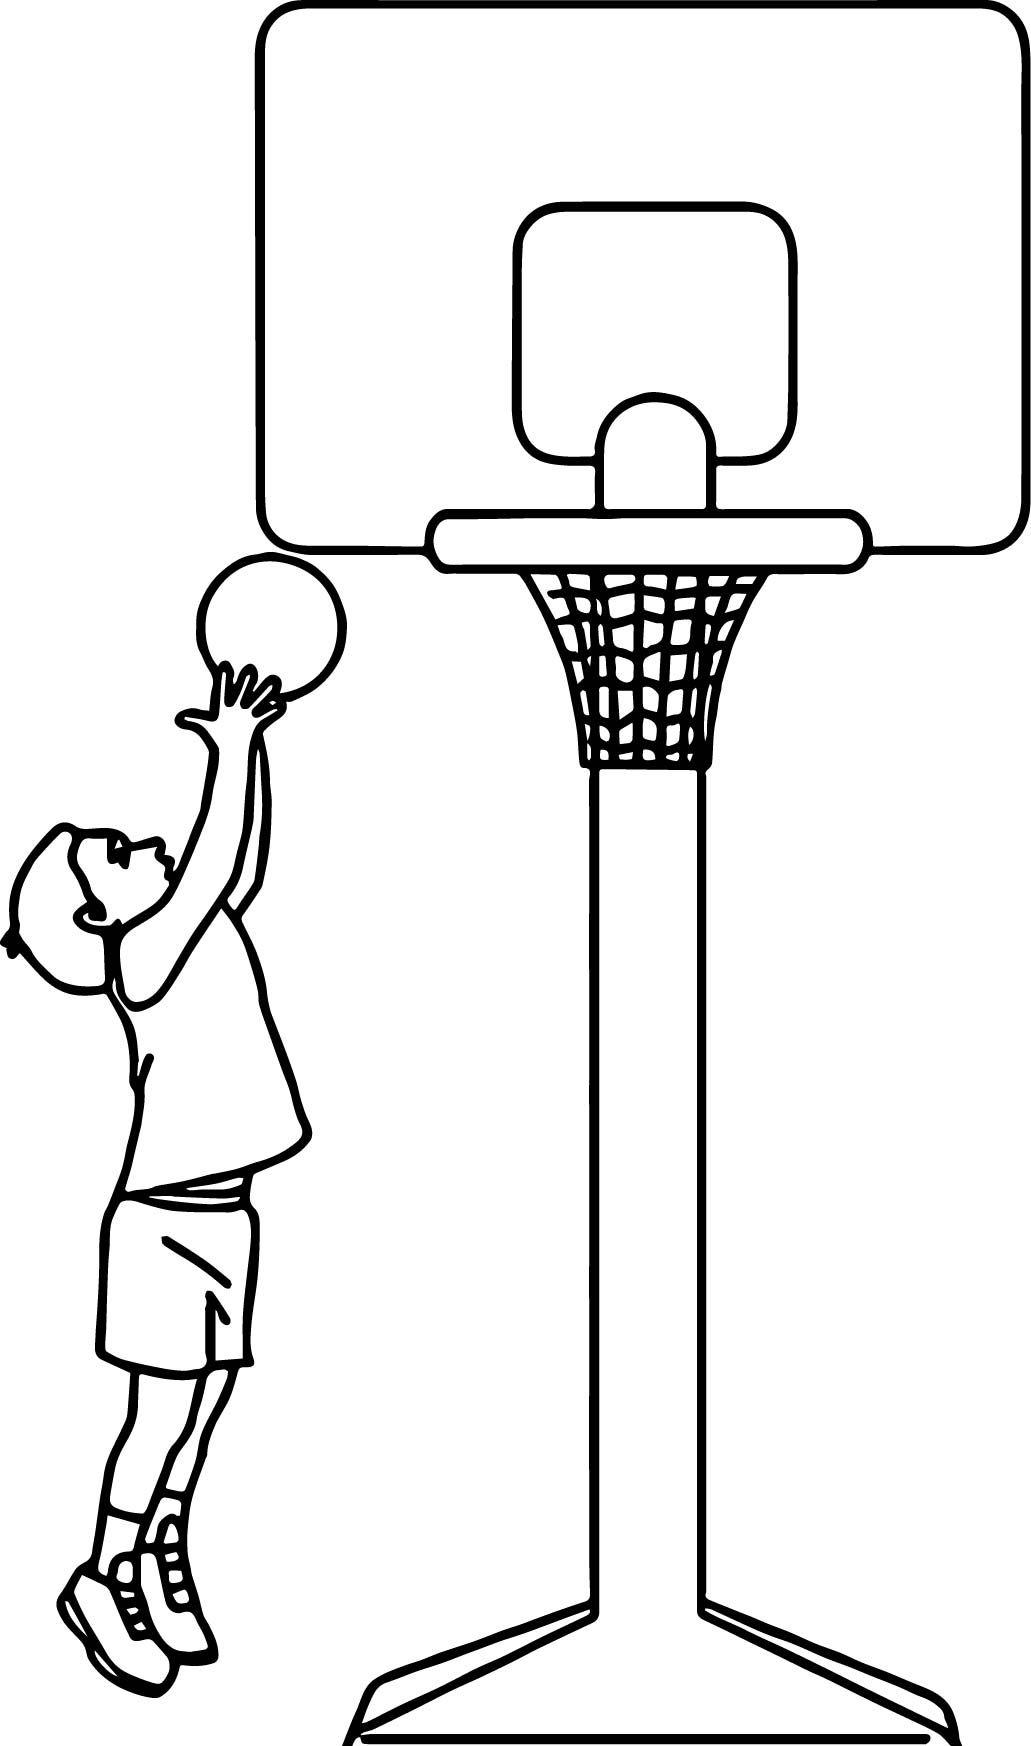 Child Playing Basketball Playing Basketball Coloring Page Sports Coloring Pages Football Coloring Pages Coloring Pages [ 1746 x 1031 Pixel ]